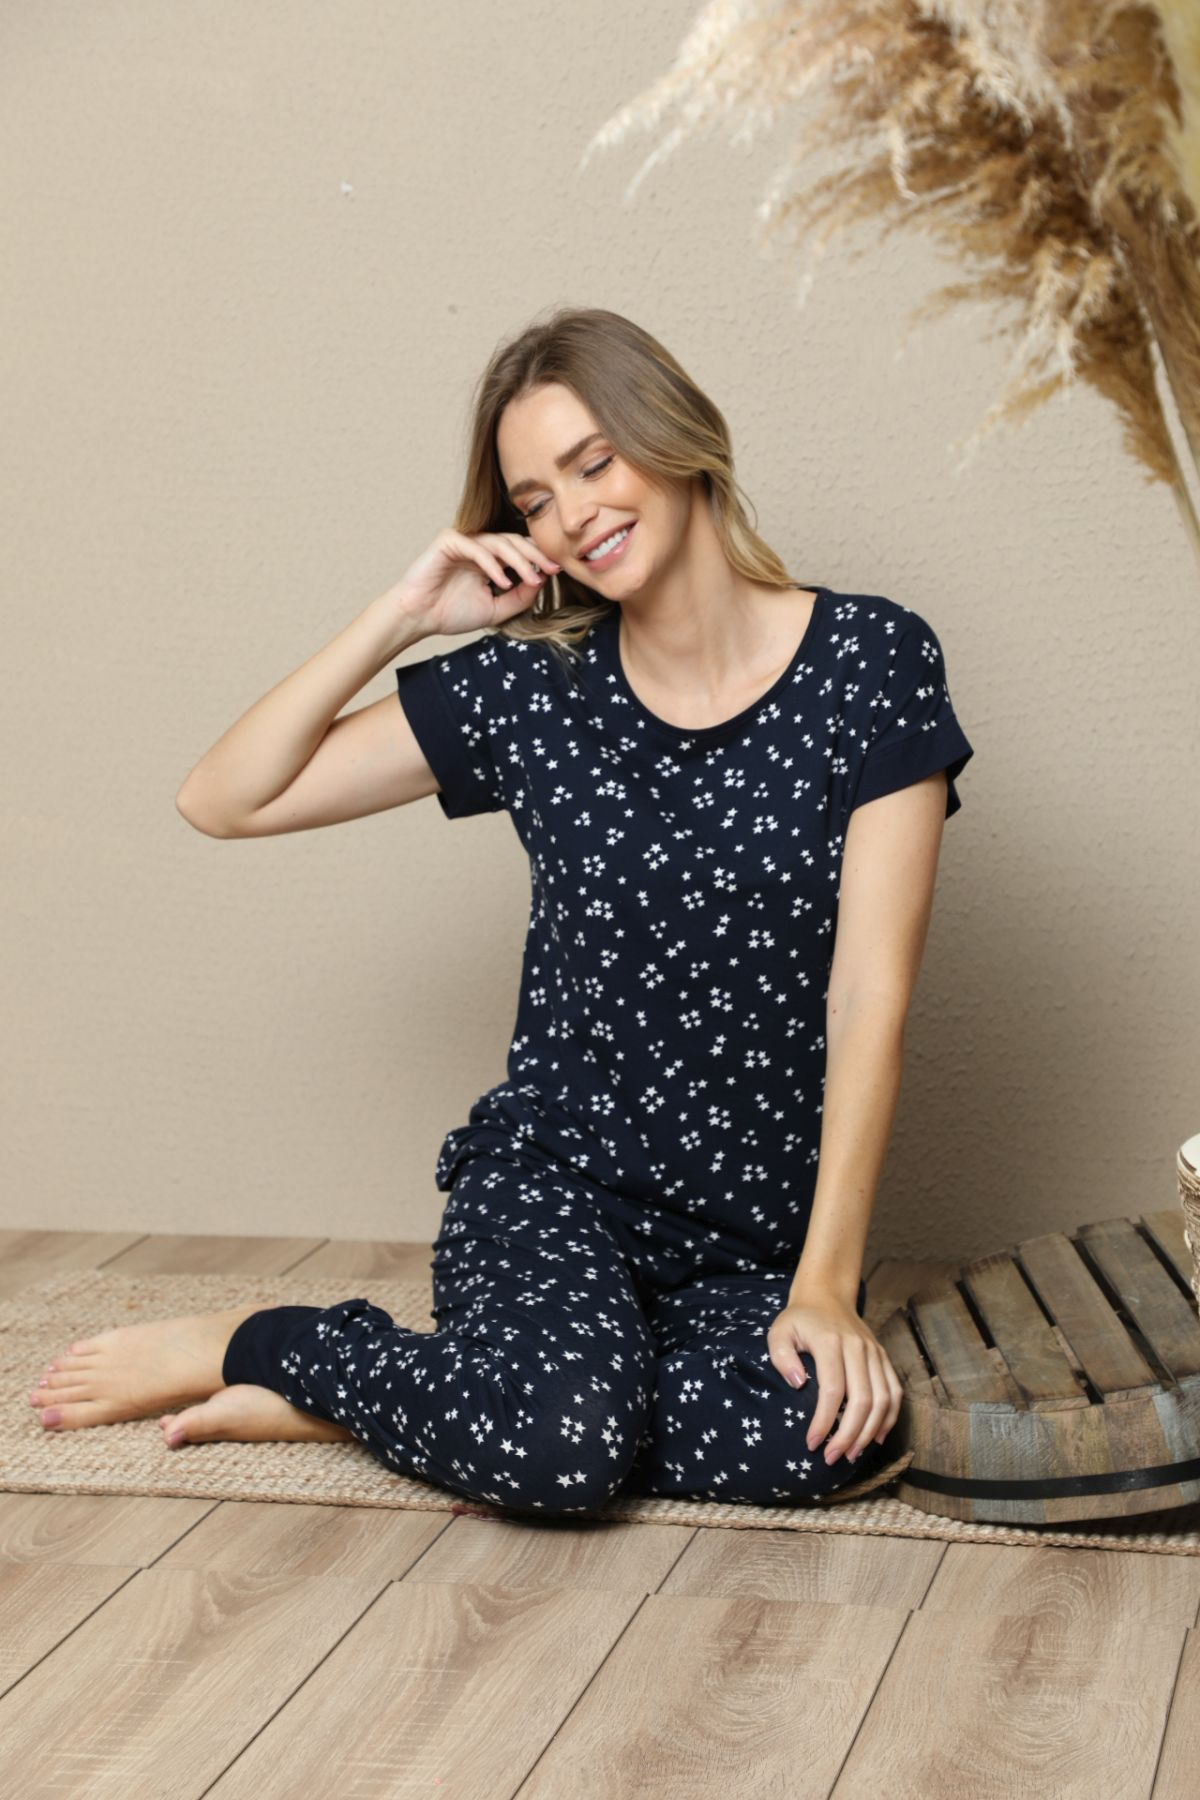 SIYAH INCI - Kısa Kollu Pamuklu Likralı Pijama Takım 21133516